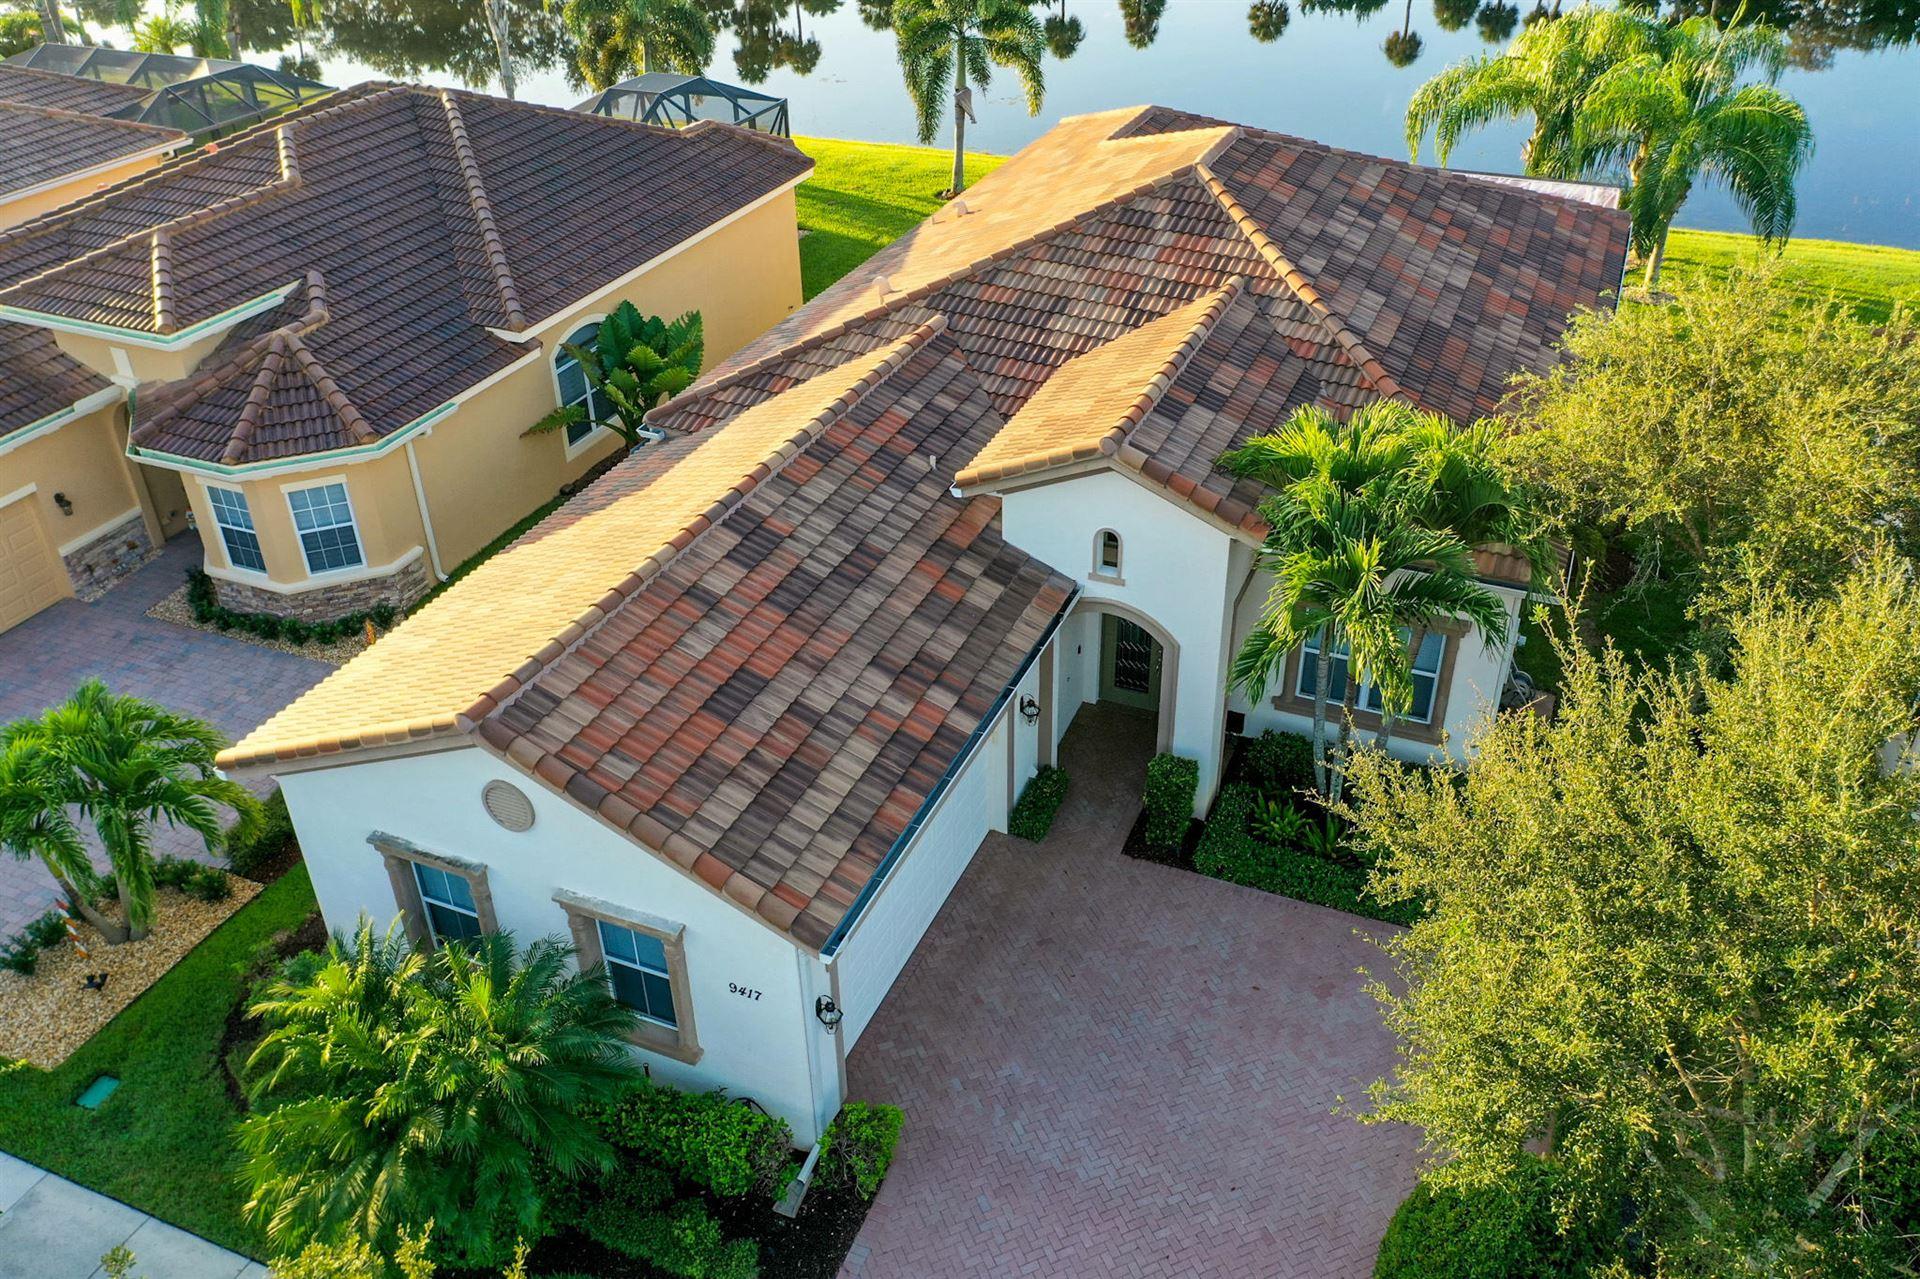 Photo of 9417 SW Nuova Way, Port Saint Lucie, FL 34986 (MLS # RX-10662808)